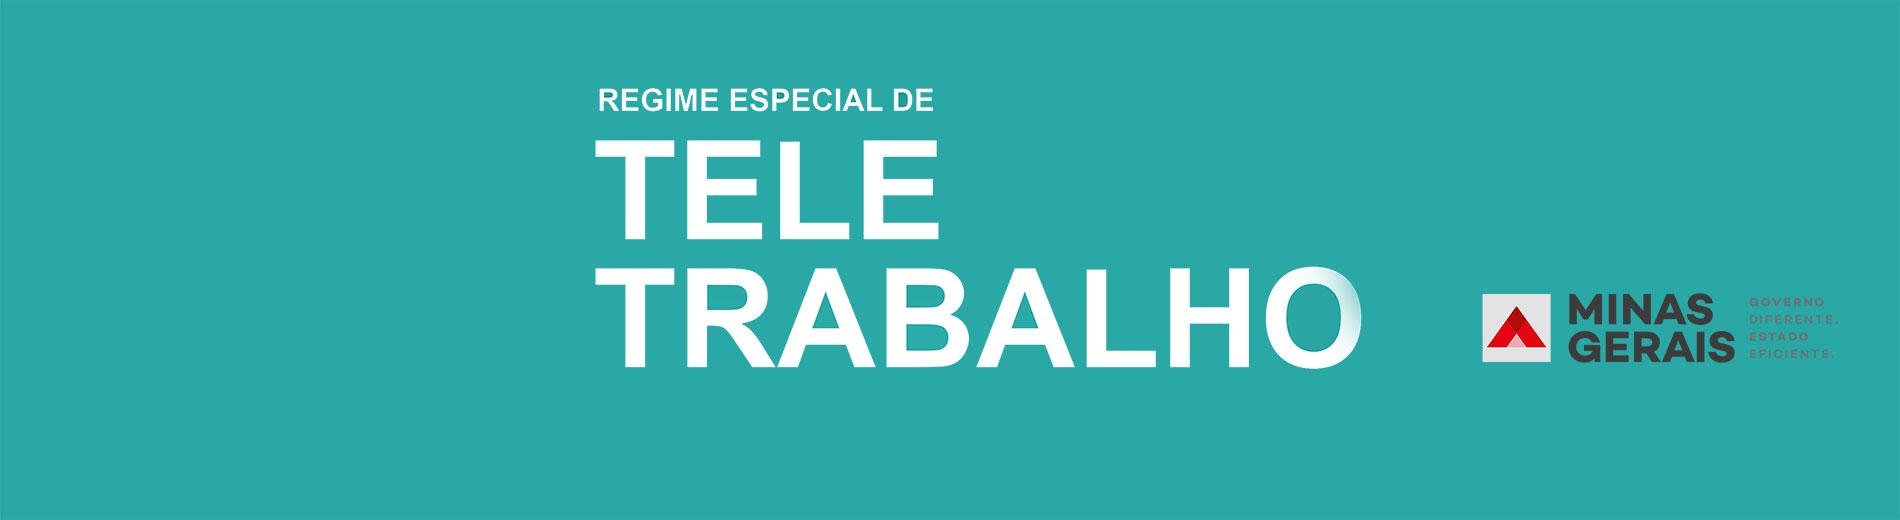 slide_teletrabalho2.jpg